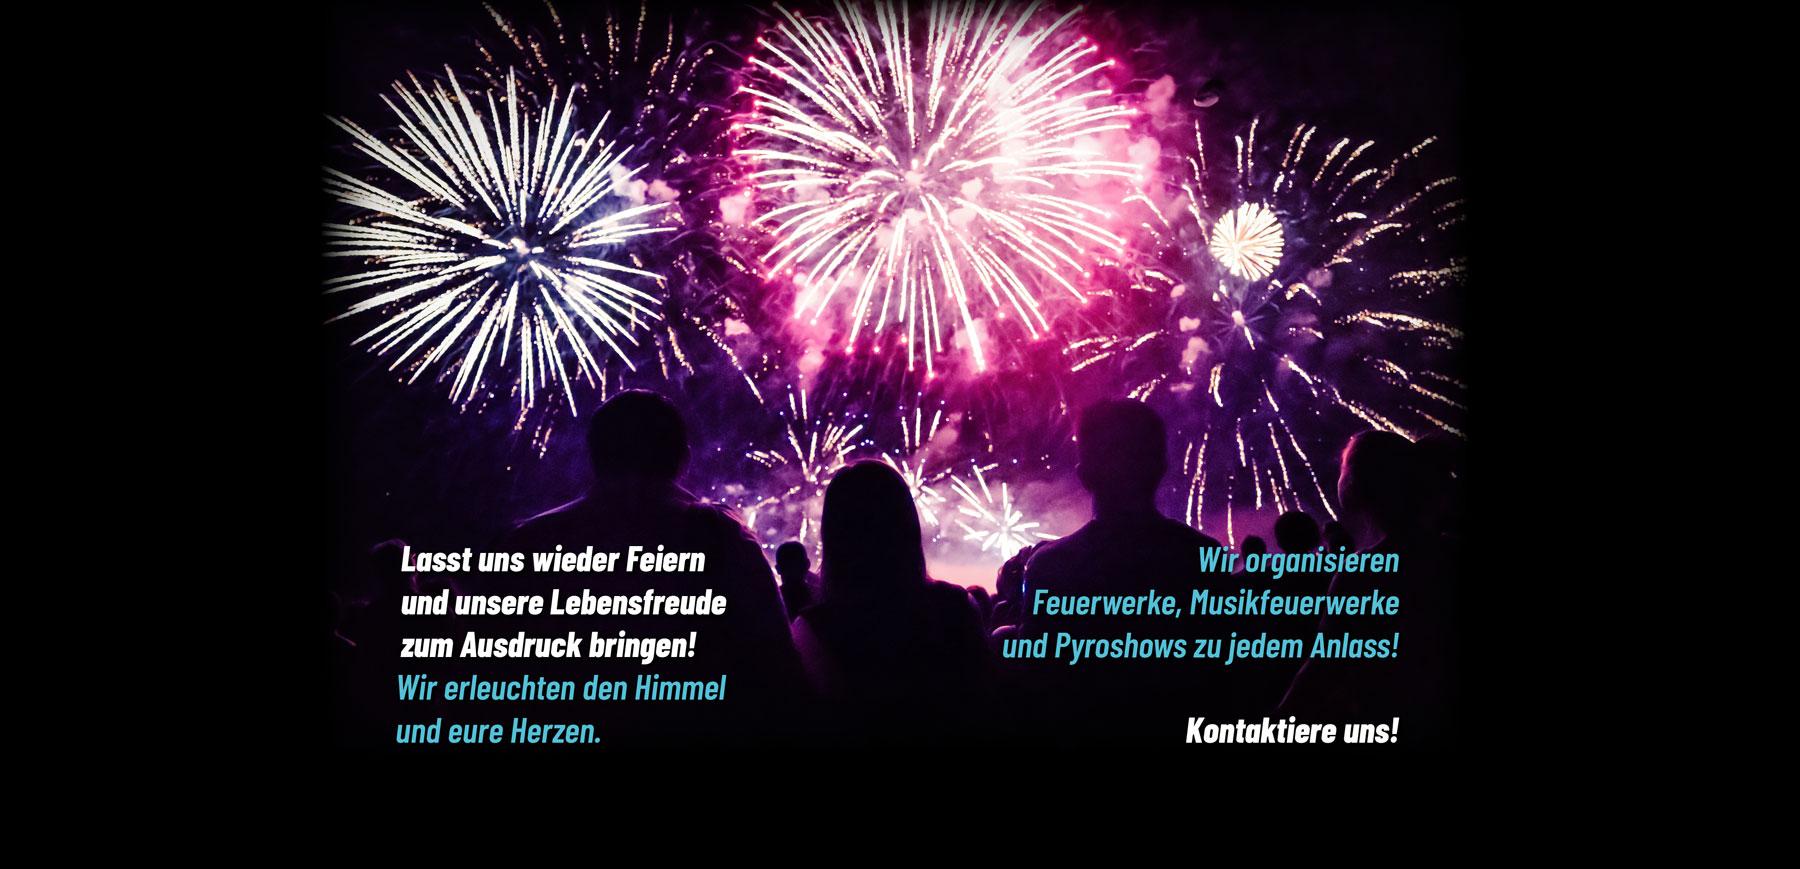 WoSp Anzeige 06 2020 - Feuerwerkland